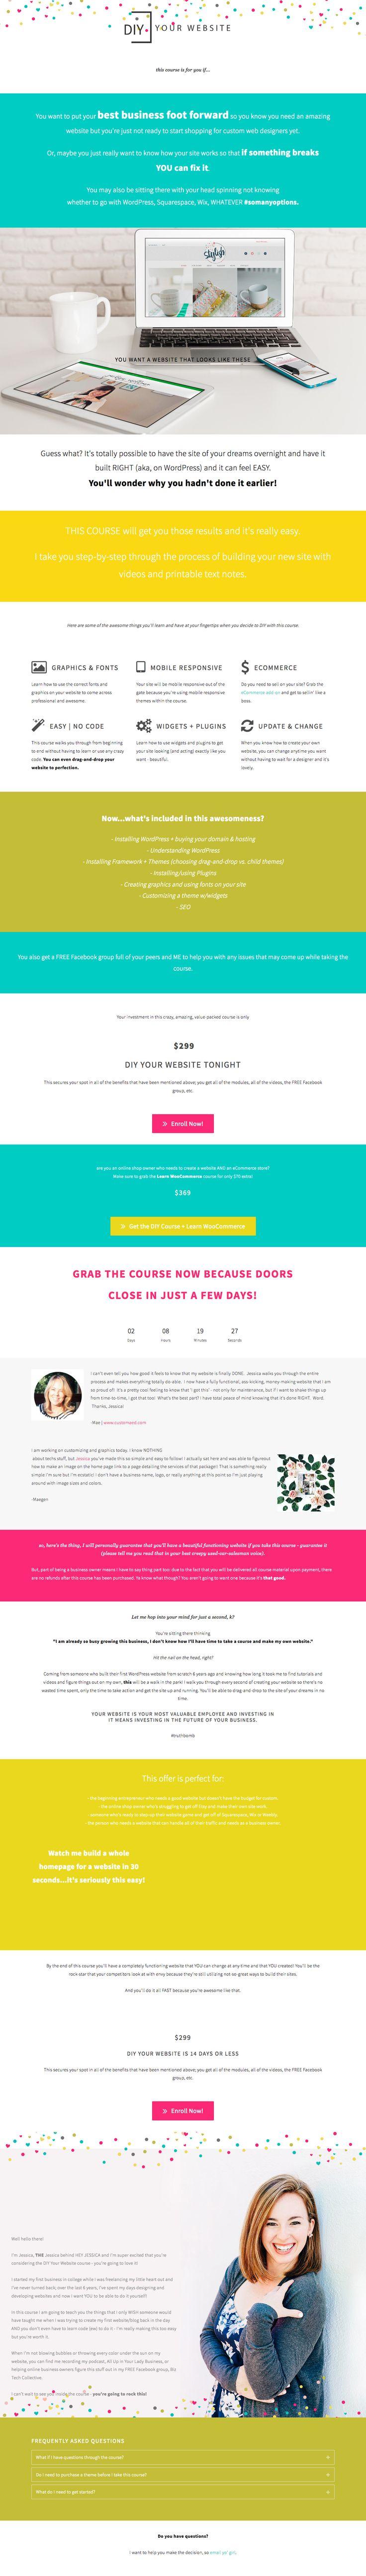 15 besten Landing Page Designs Bilder auf Pinterest